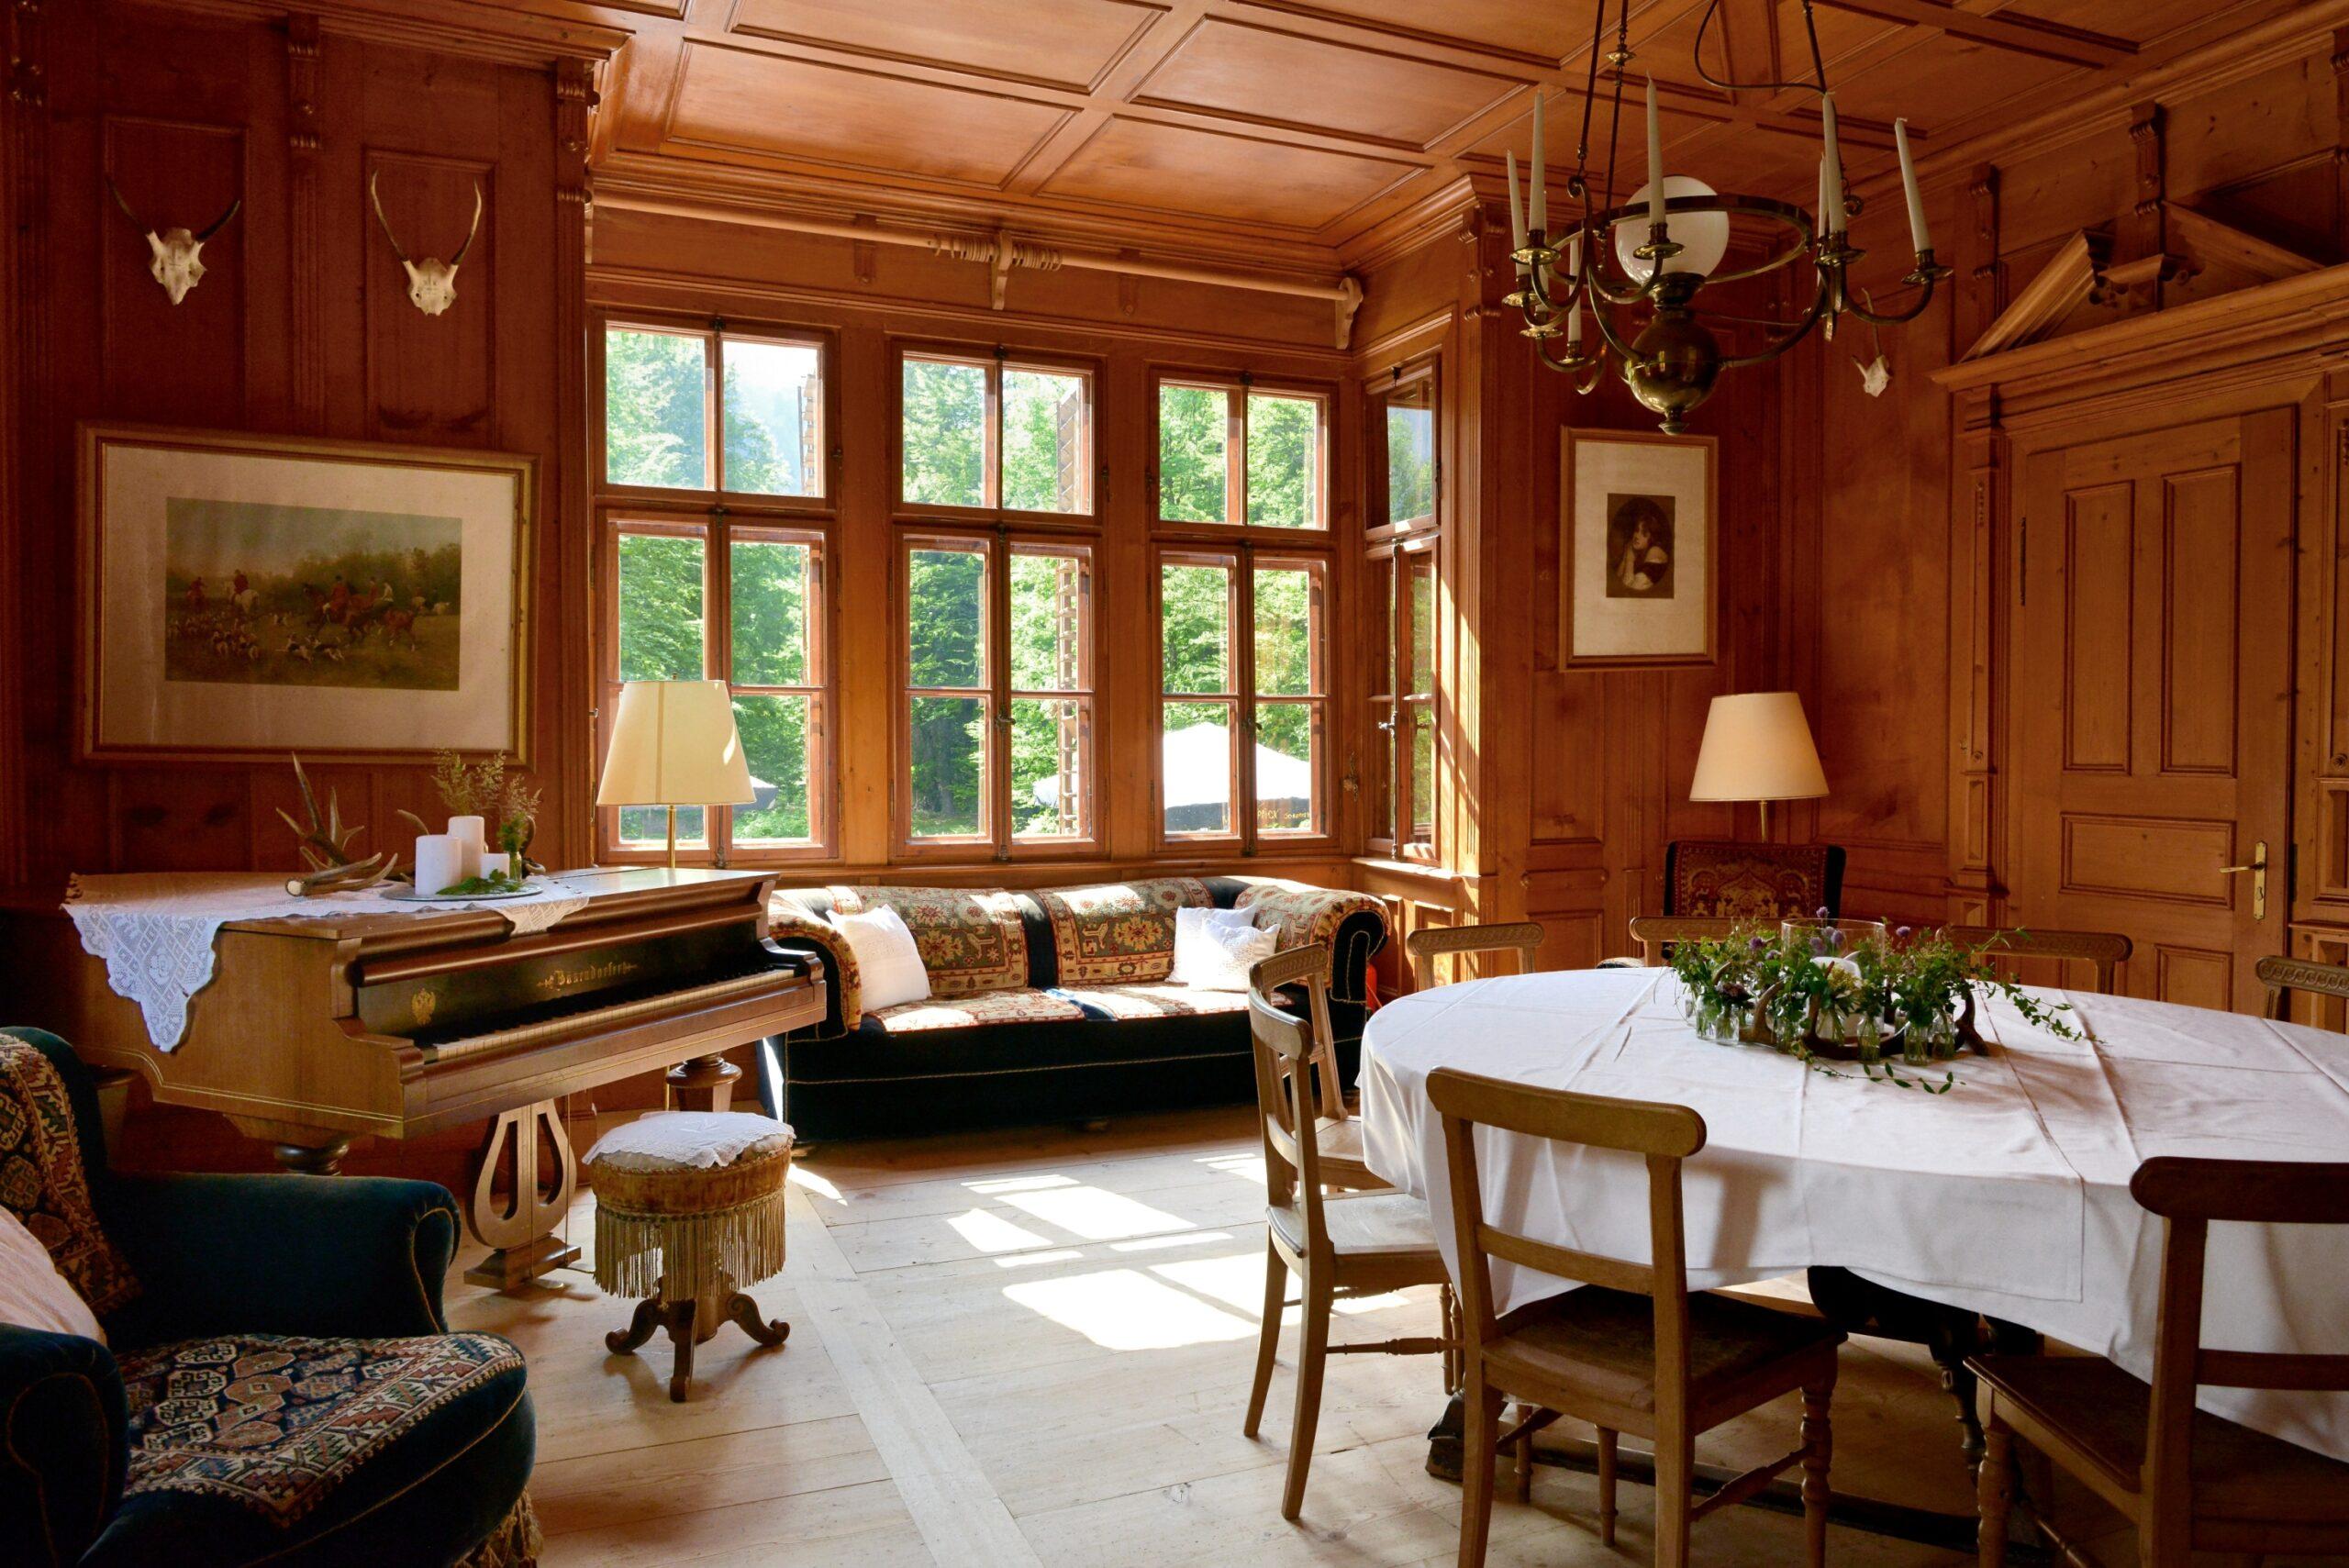 Full Size of Landhausstil Wikipedia Betten Regal Bett Bad Sofa Schlafzimmer Küche Wohnzimmer Wohnzimmer Französischer Landhausstil